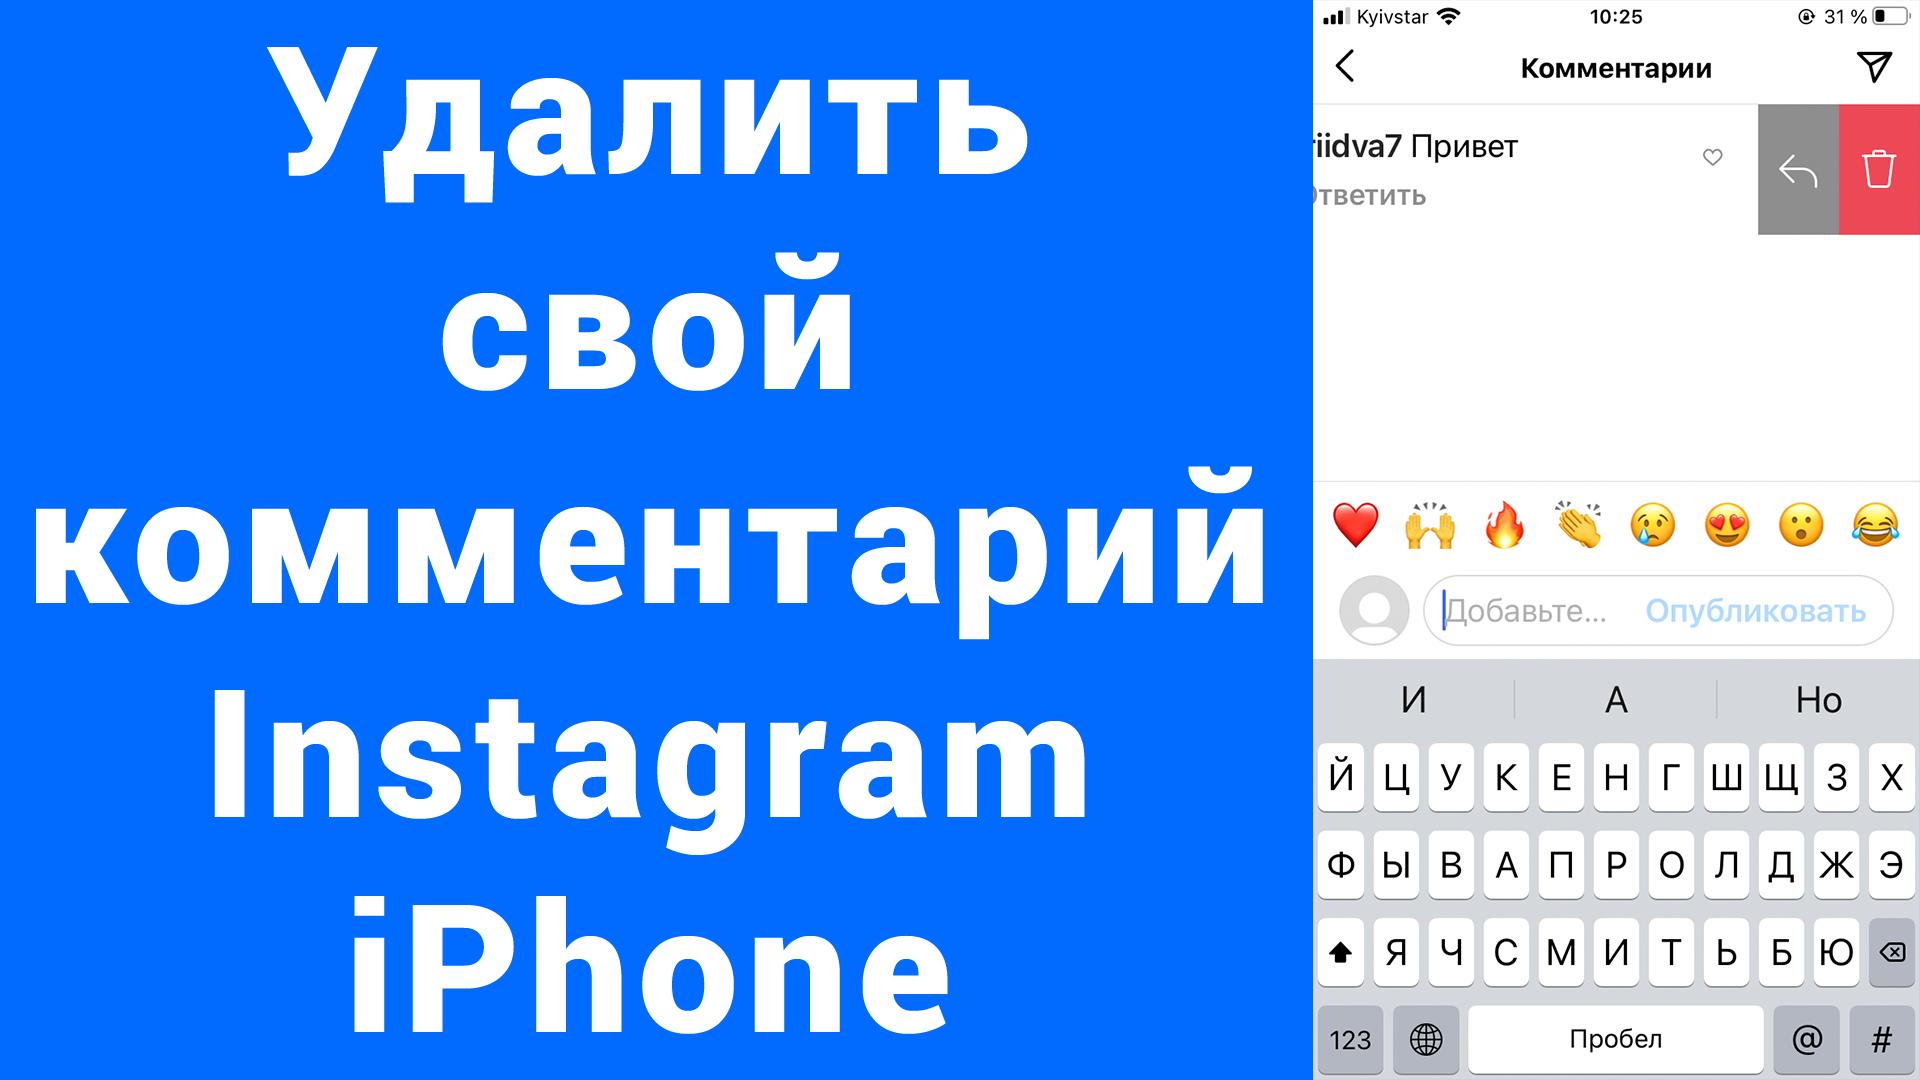 Как удалить под чужим фото свой комментарий Инстаграм Айфон